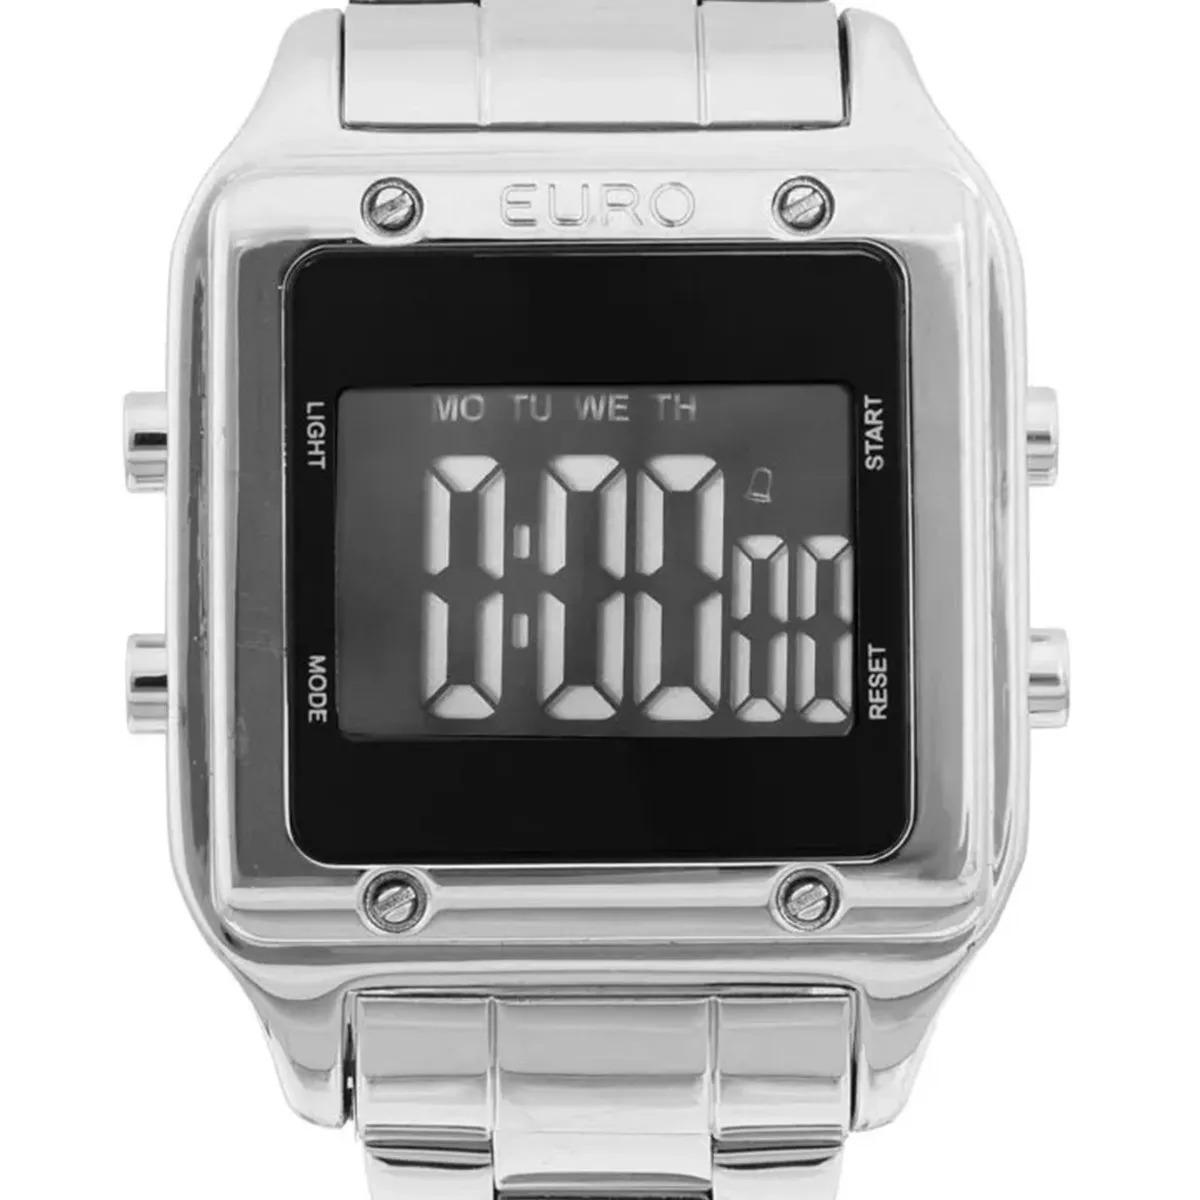 relógio euro eug2510ab 3p digital quadrado prateado sabrina. Carregando  zoom. ab3f142a0c